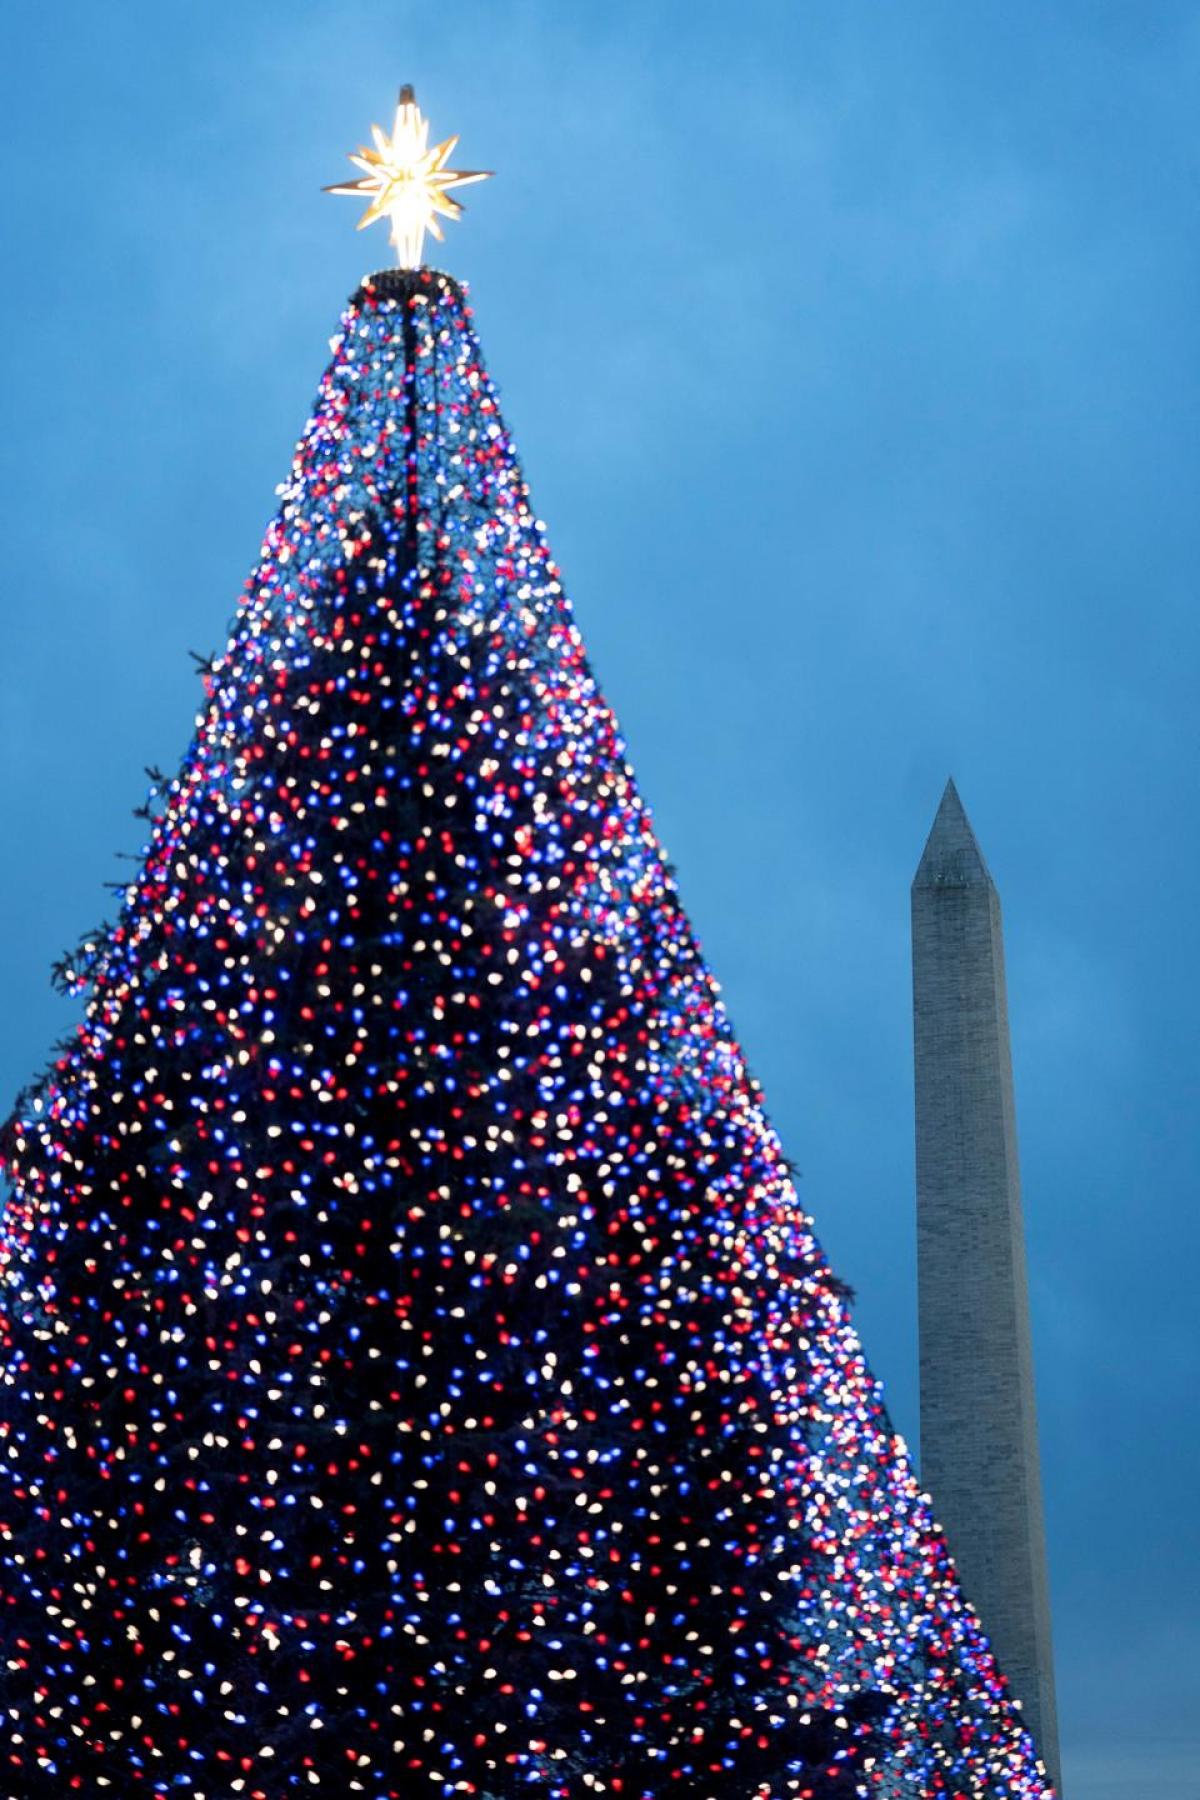 Cây thông Noel với hàng nghìn ánh đèn màu lấp lánh gần Nhà Trắng ở thủ đô Washington.